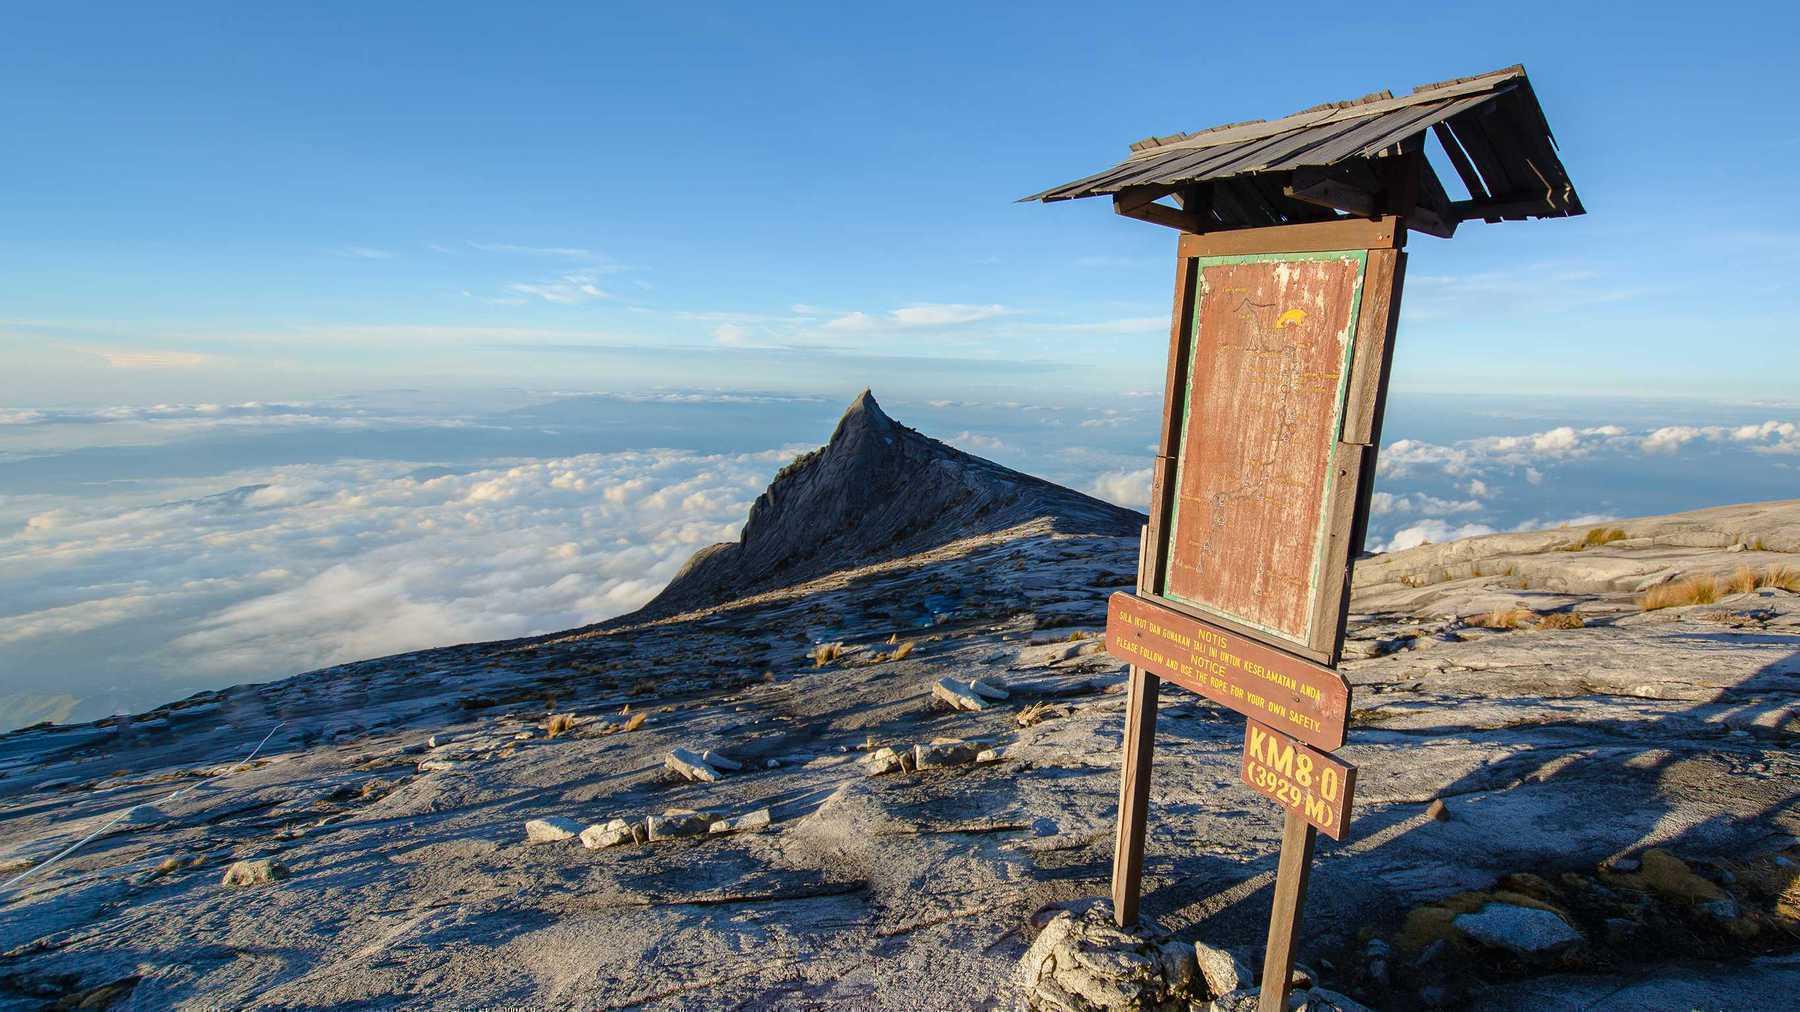 Trek Mt Kinabalu Sabah, Malaysia